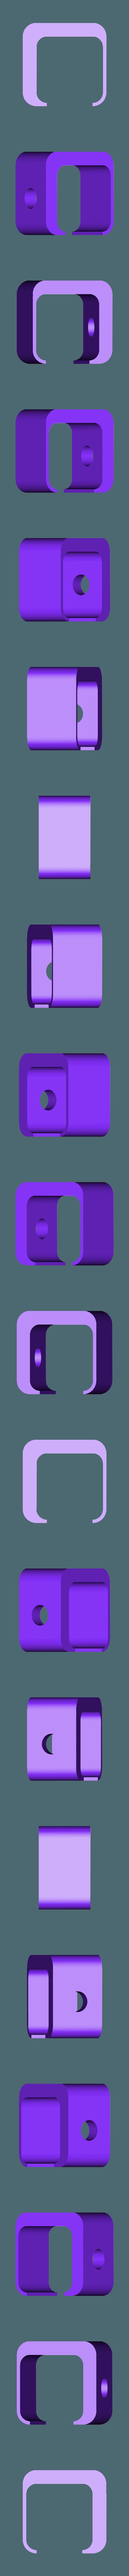 Magnetic_Tool_Holder_v2-0_1x.STL Télécharger fichier STL gratuit Porte-outil magnétique RigidBot • Objet à imprimer en 3D, WalterHsiao